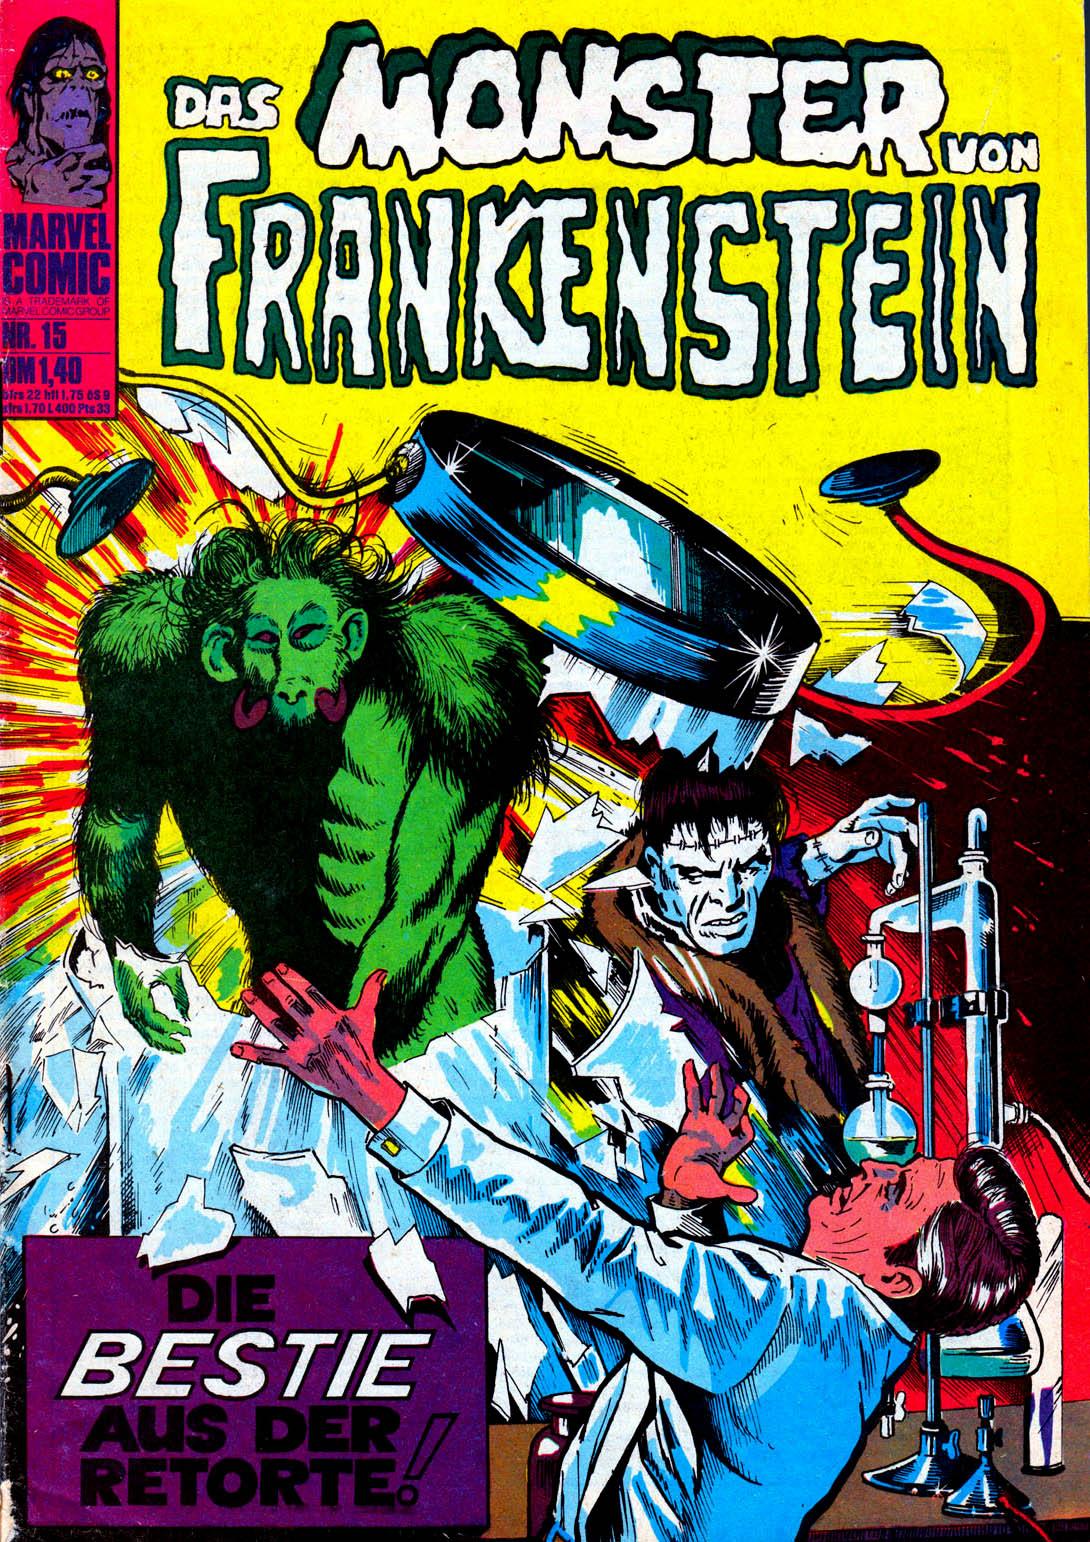 FrankensteinCover15